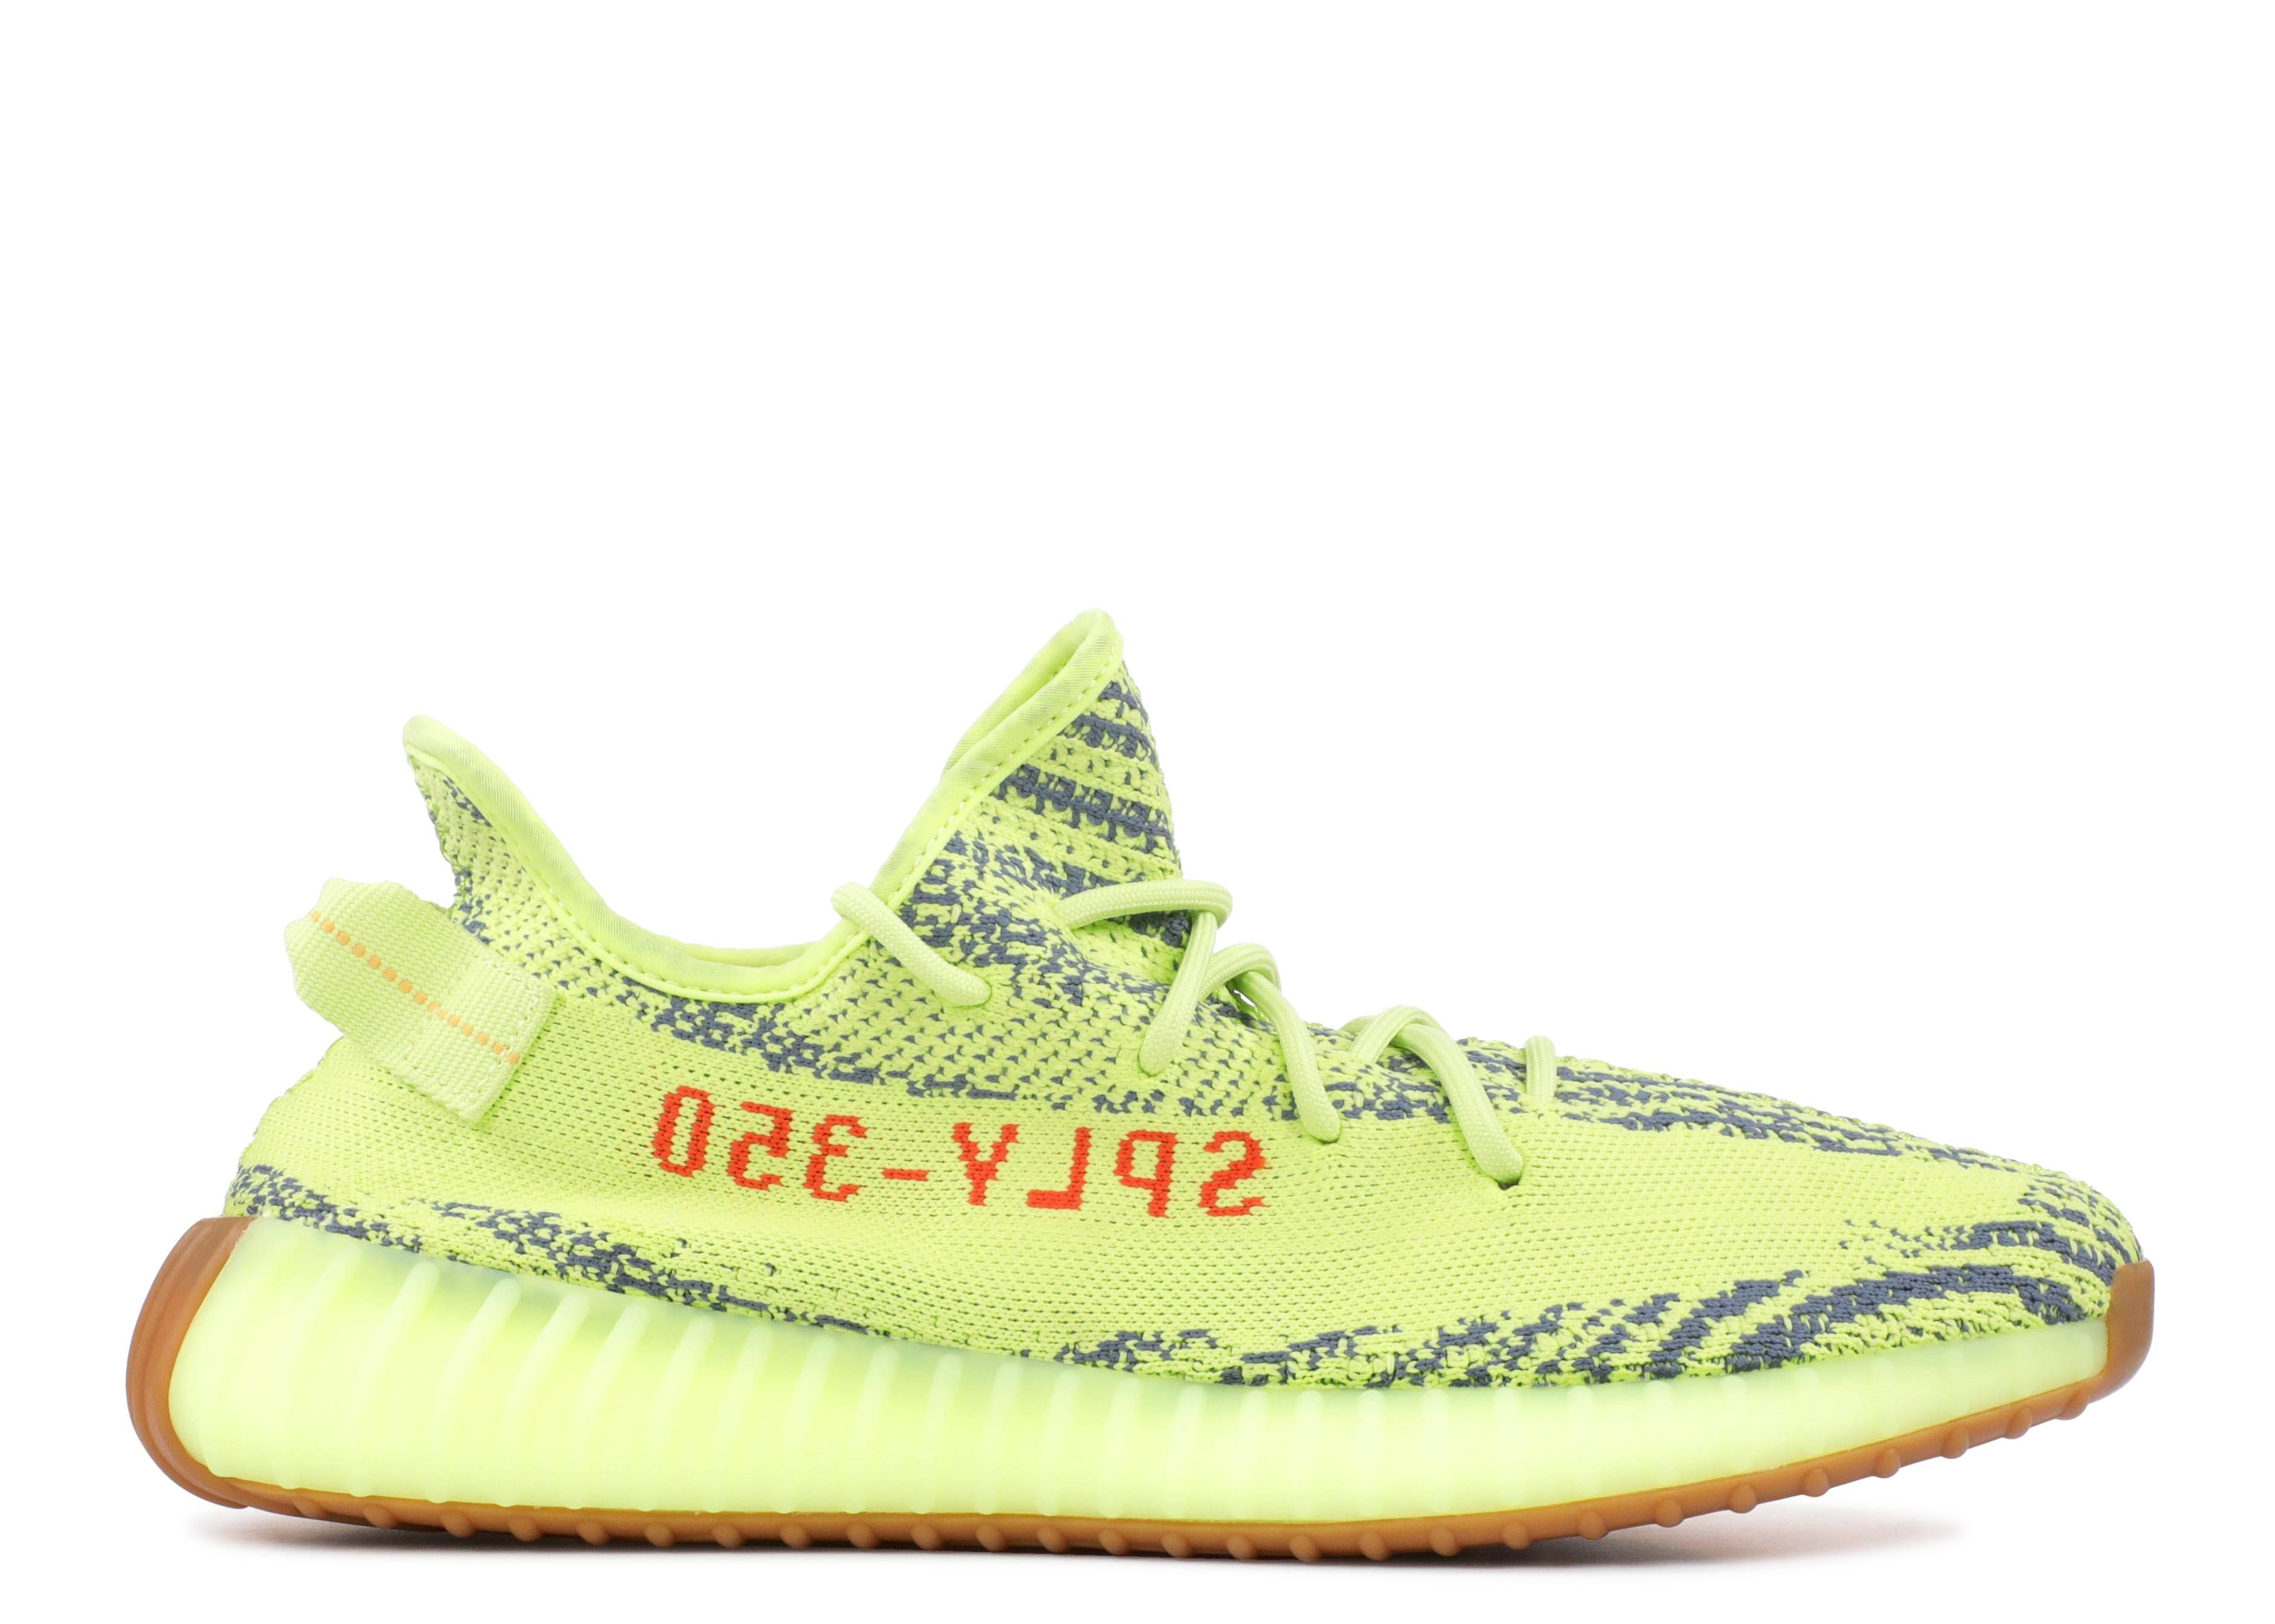 Adidas Yeezy Butter Eu 40 23 Us 7,5 Uk 7